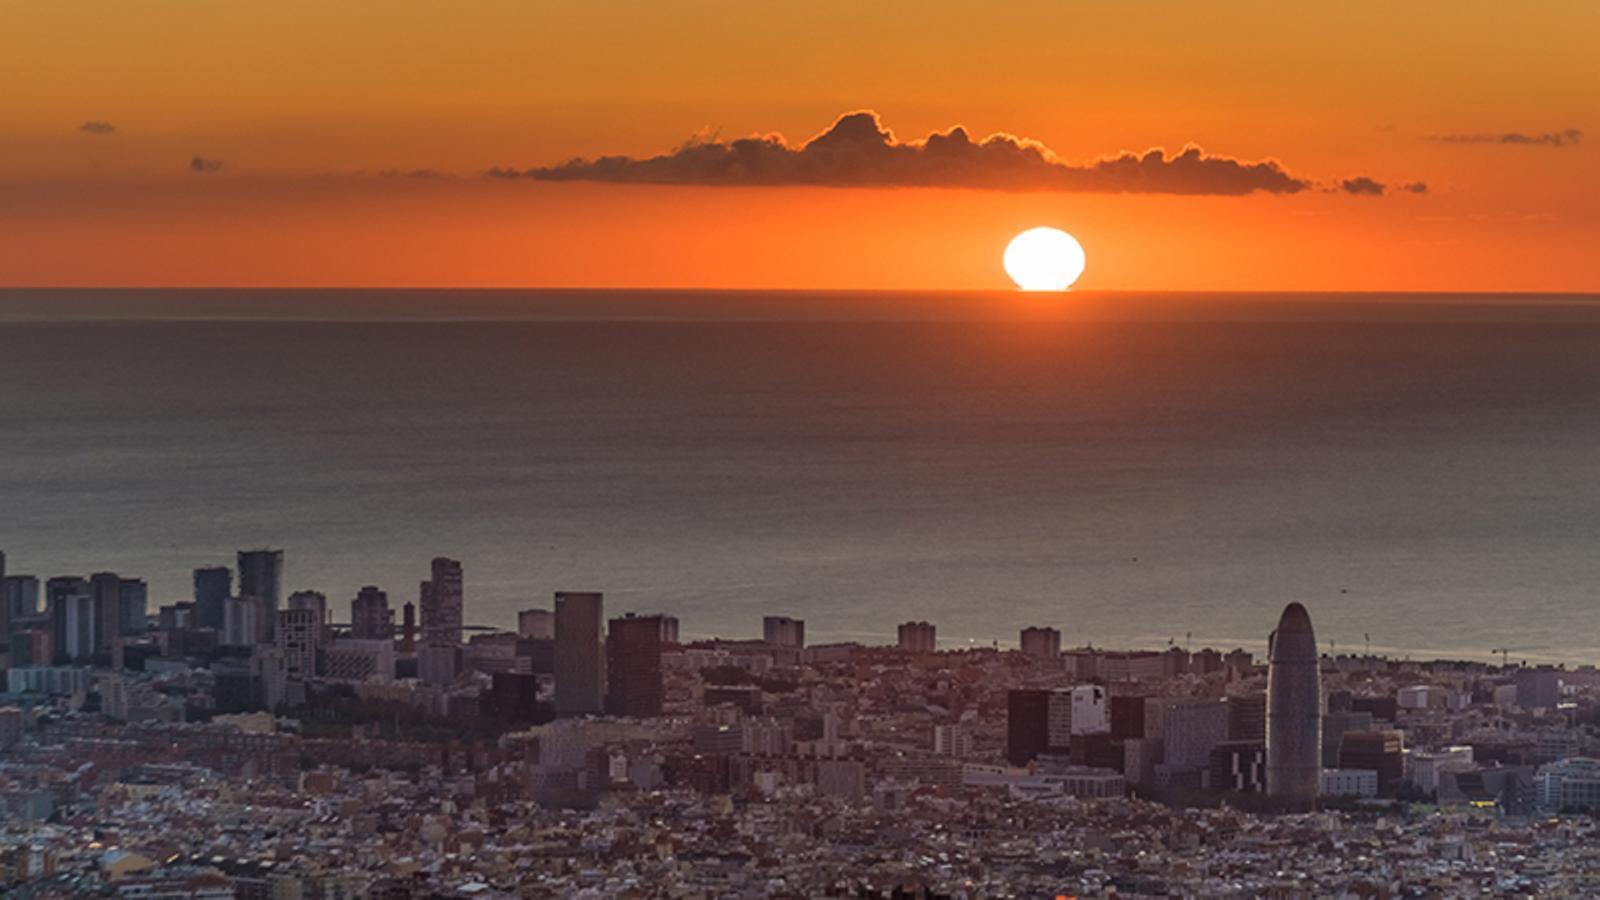 Vivim la llum del dia més tard que en altres parts del planeta